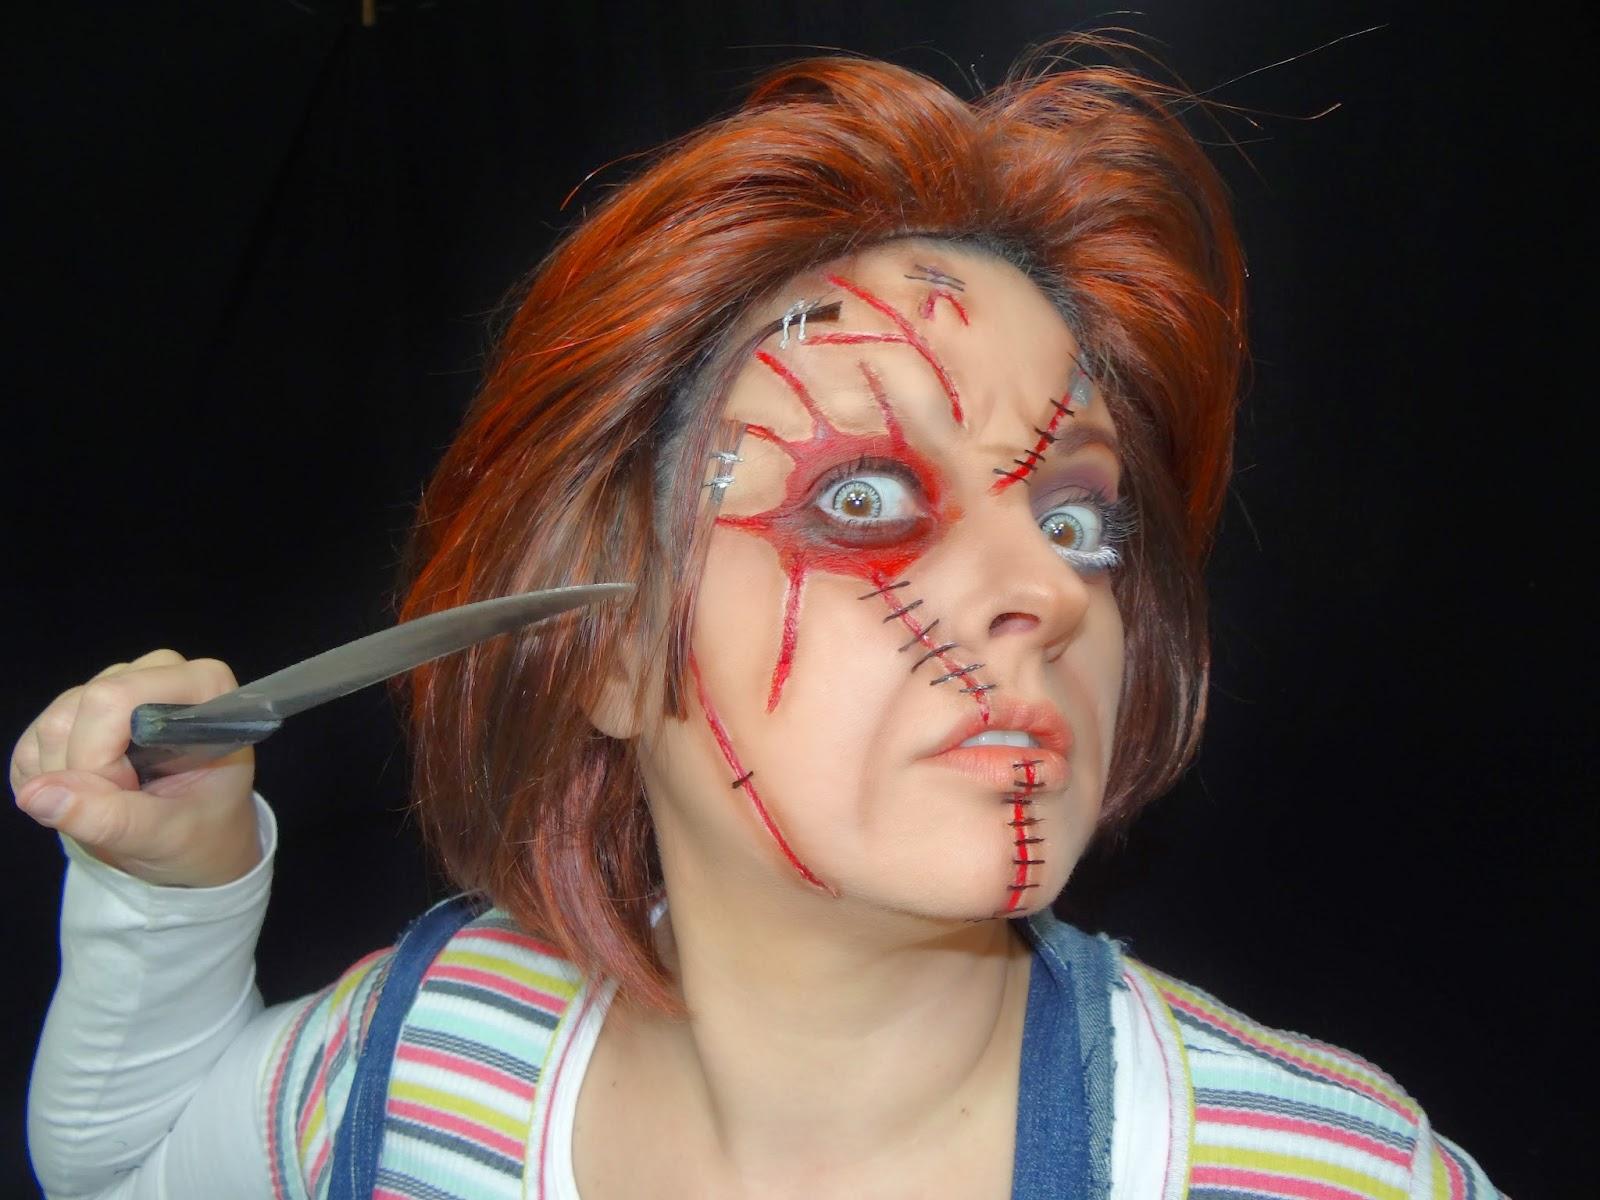 Jack Boneco Assassino Good renata monteiro - maquiagens artísticas e sociais: maquiagem do